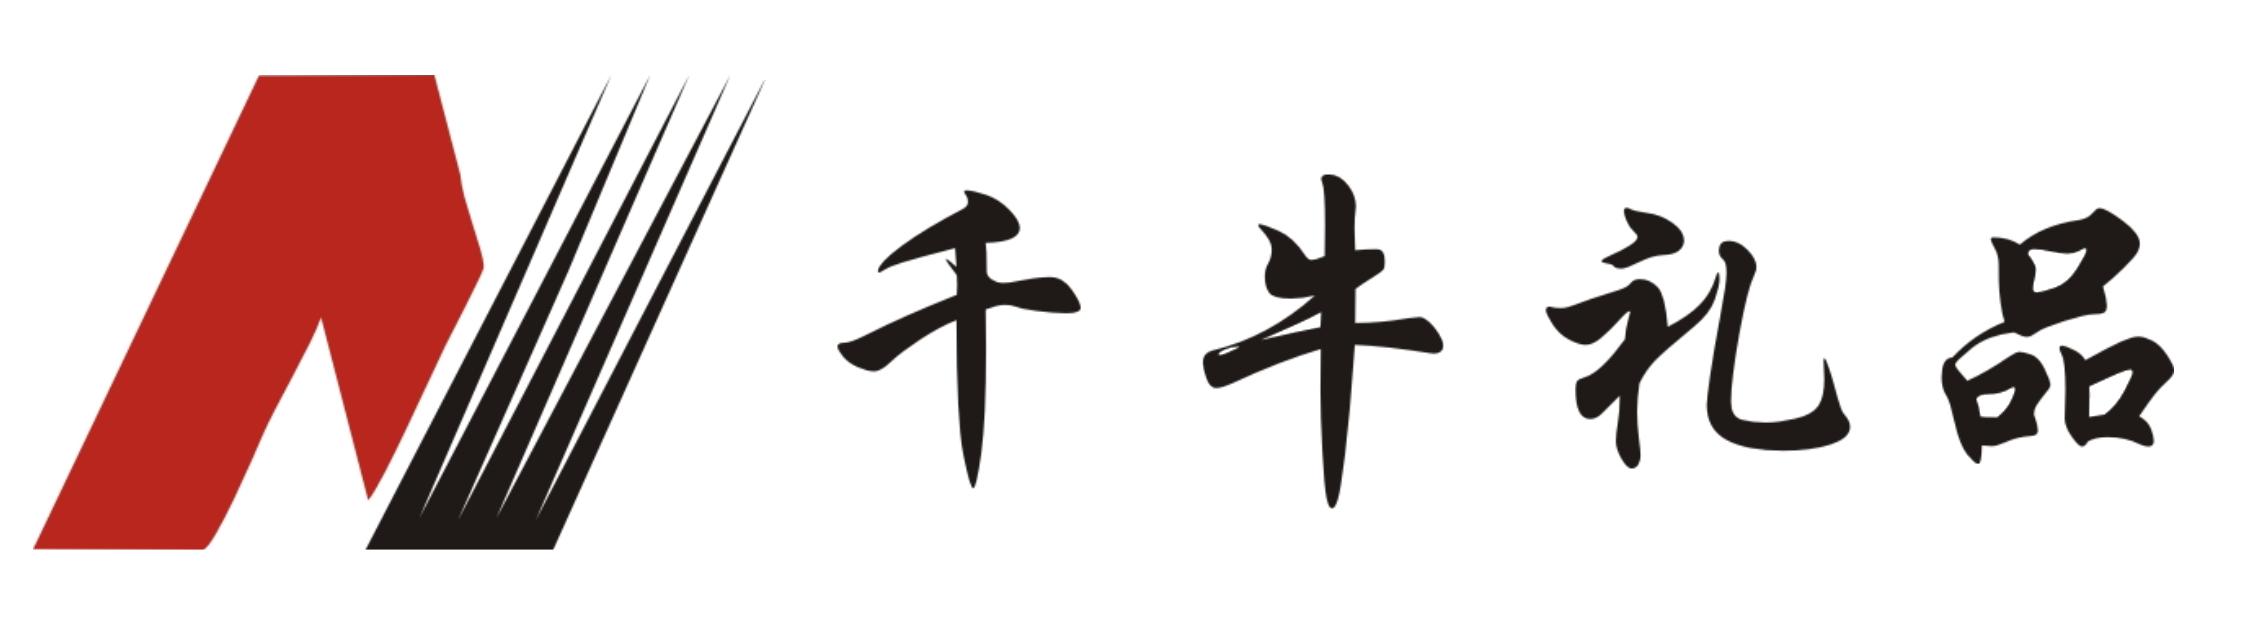 惠州千牛礼品有限公司